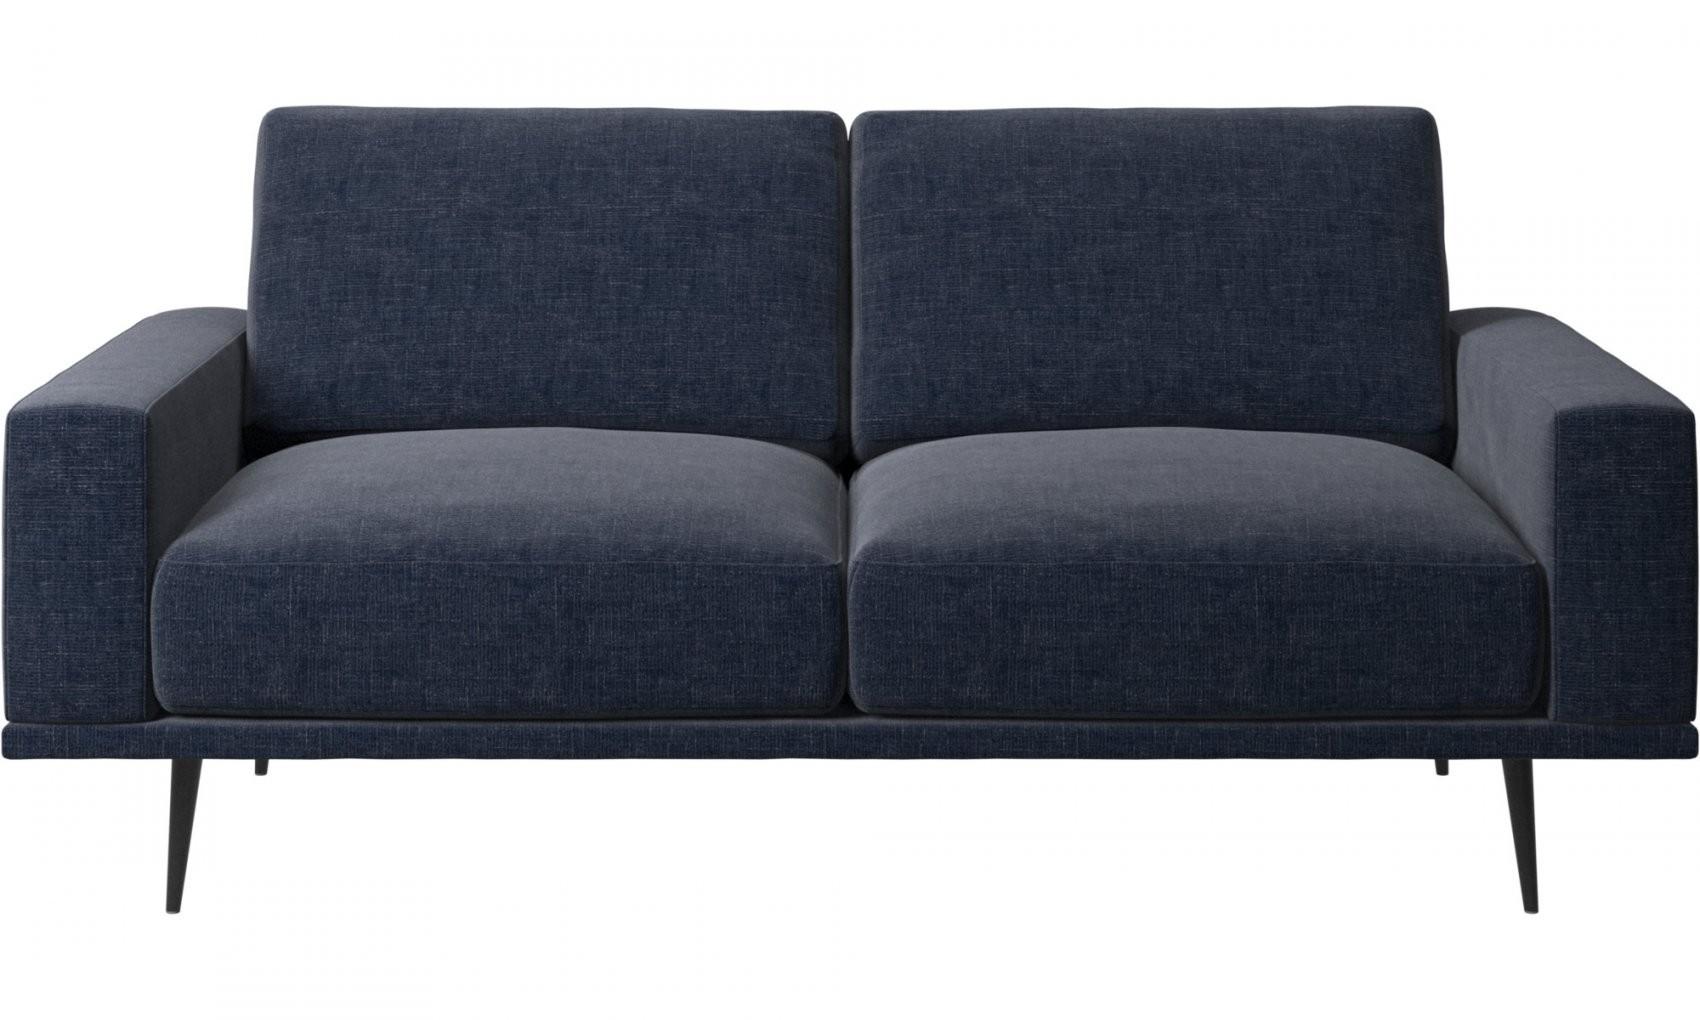 2Sitzer Sofas  Carlton Sofa  Boconcept von Zwei Sitz Sofa Bild